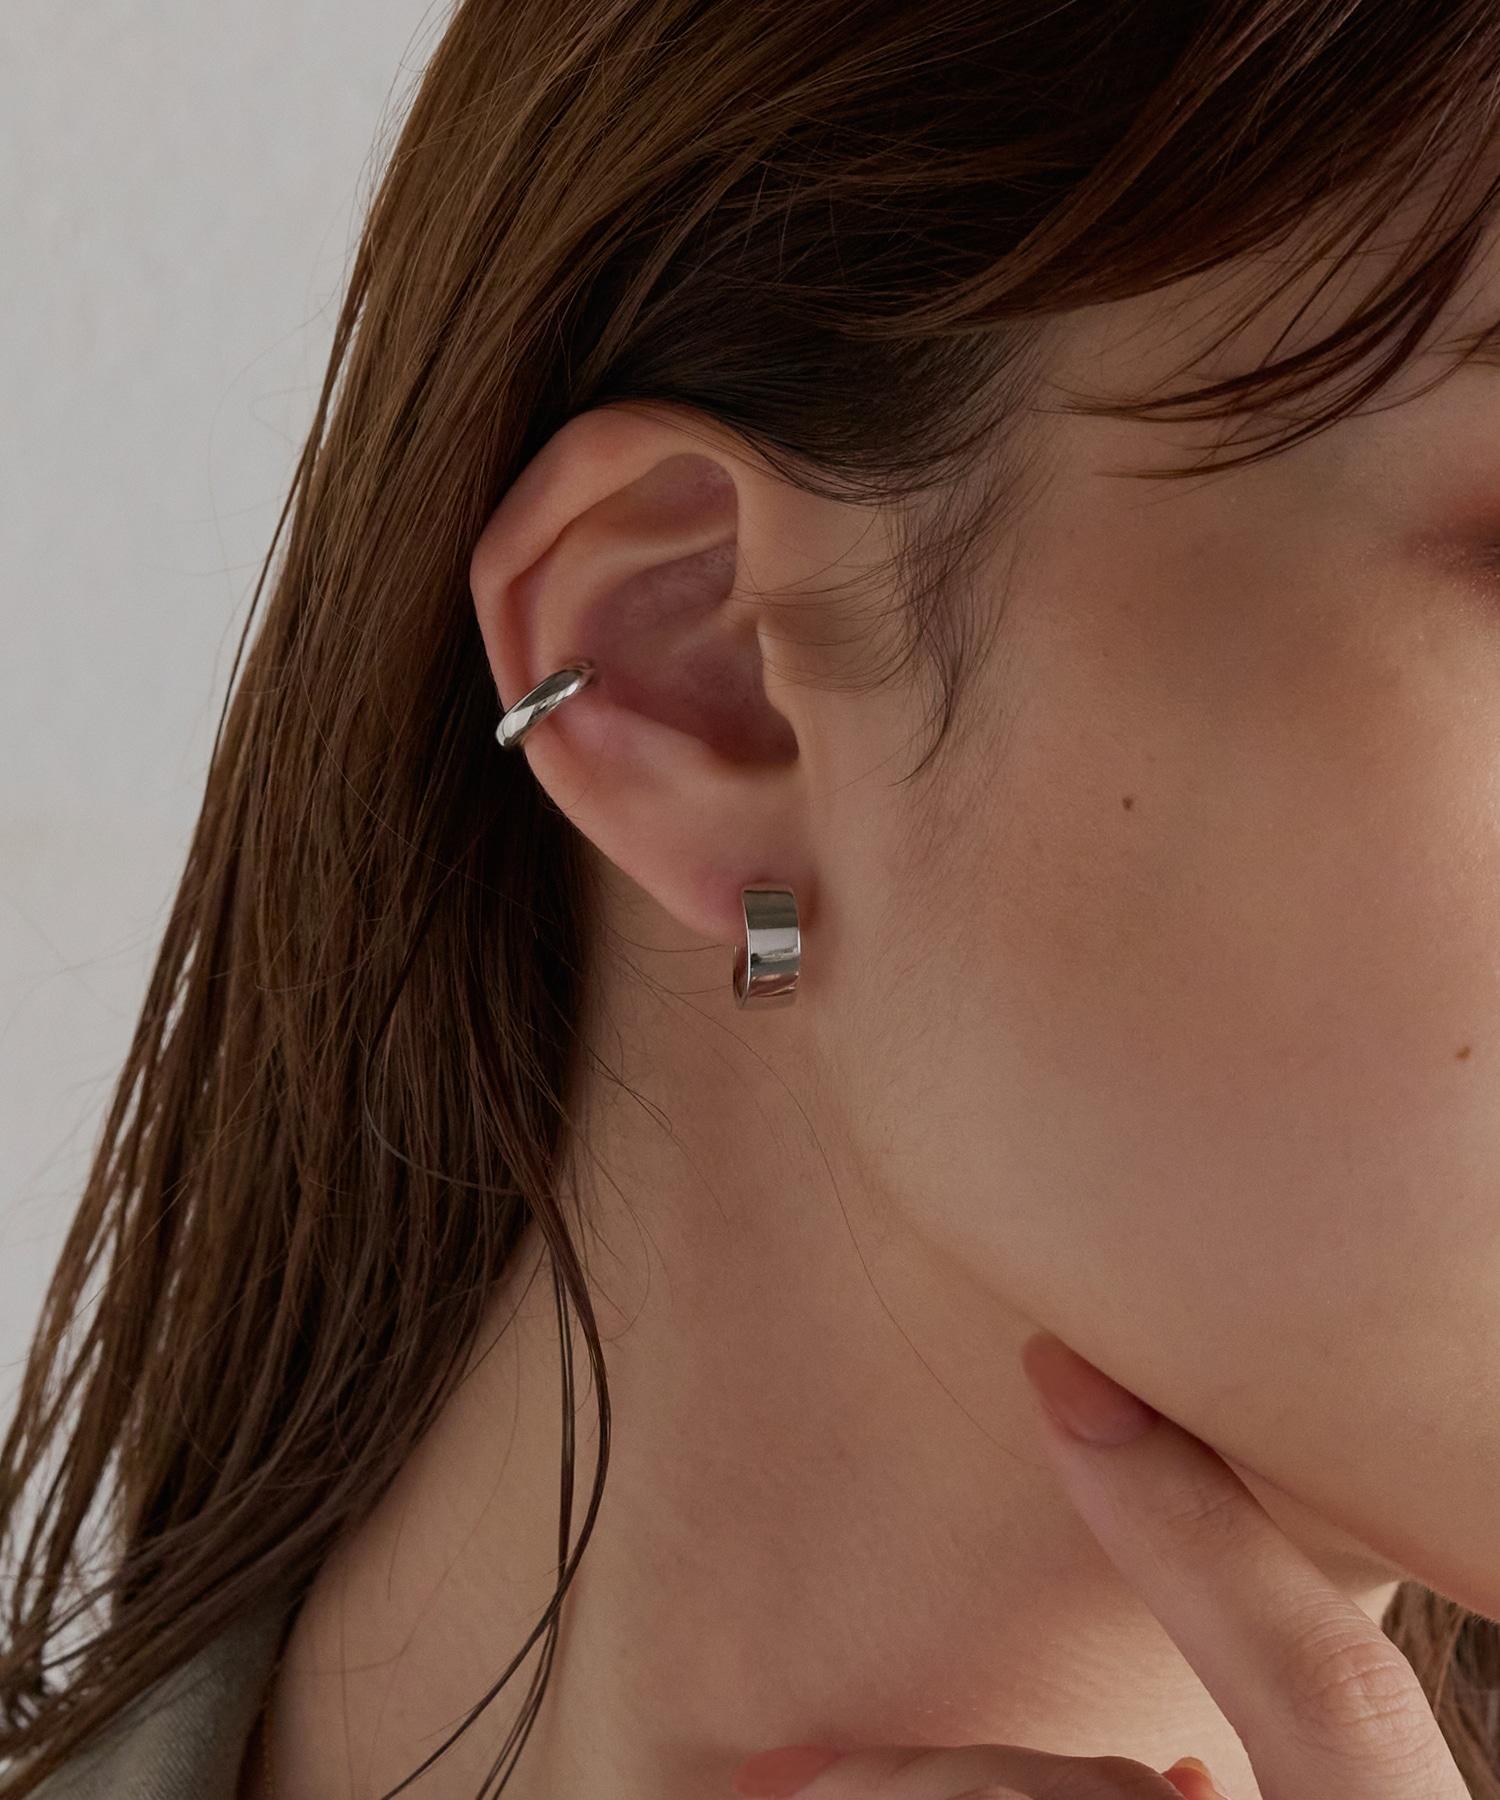 stylish silver hoopピアス&イヤカフ